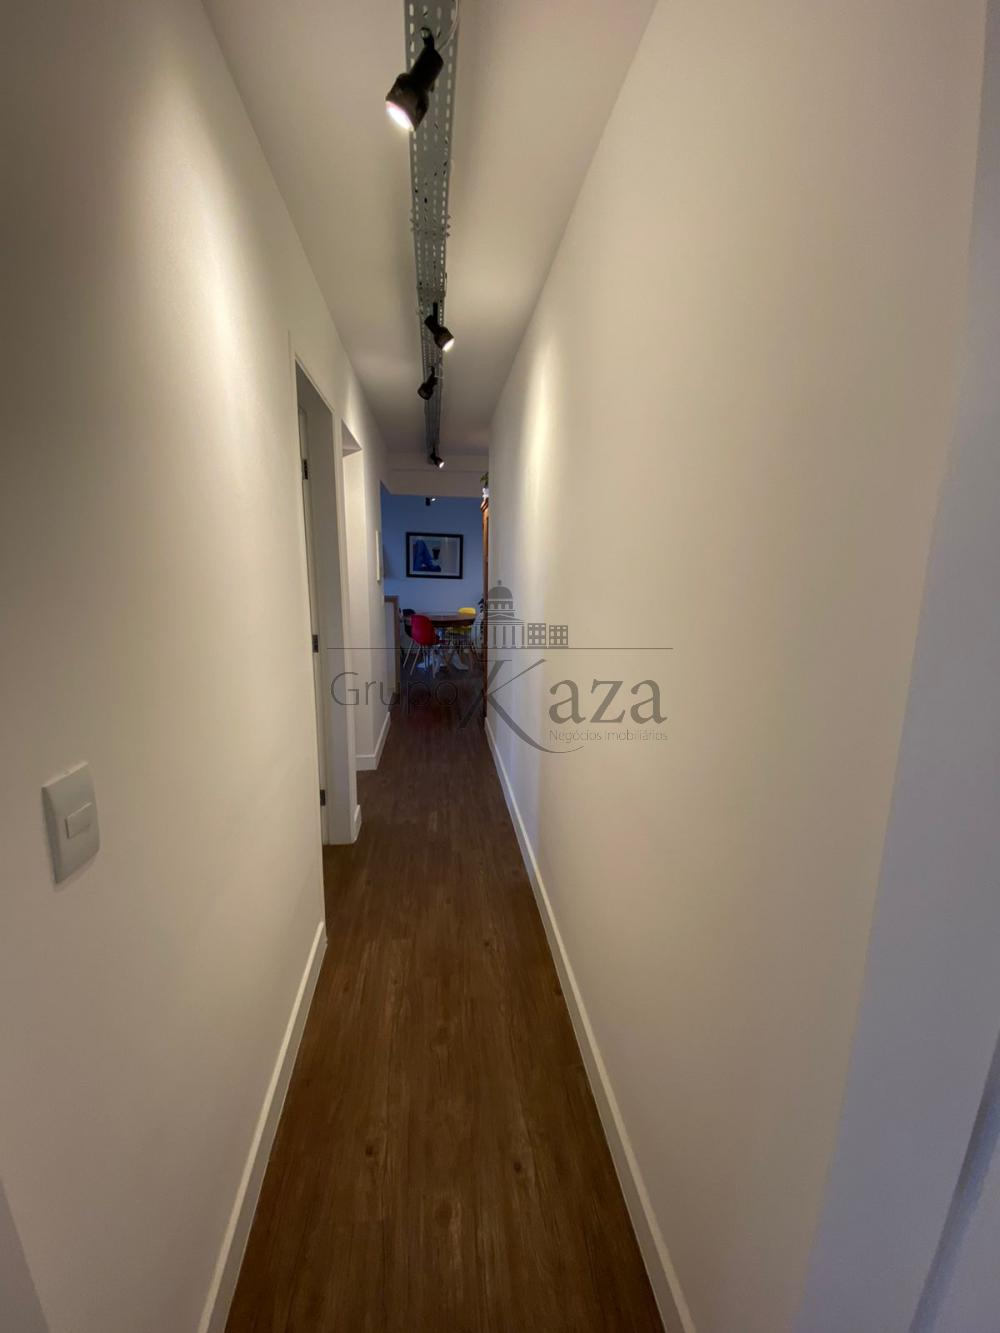 alt='Alugar Apartamento / Padrão em São José dos Campos R$ 2.200,00 - Foto 18' title='Alugar Apartamento / Padrão em São José dos Campos R$ 2.200,00 - Foto 18'